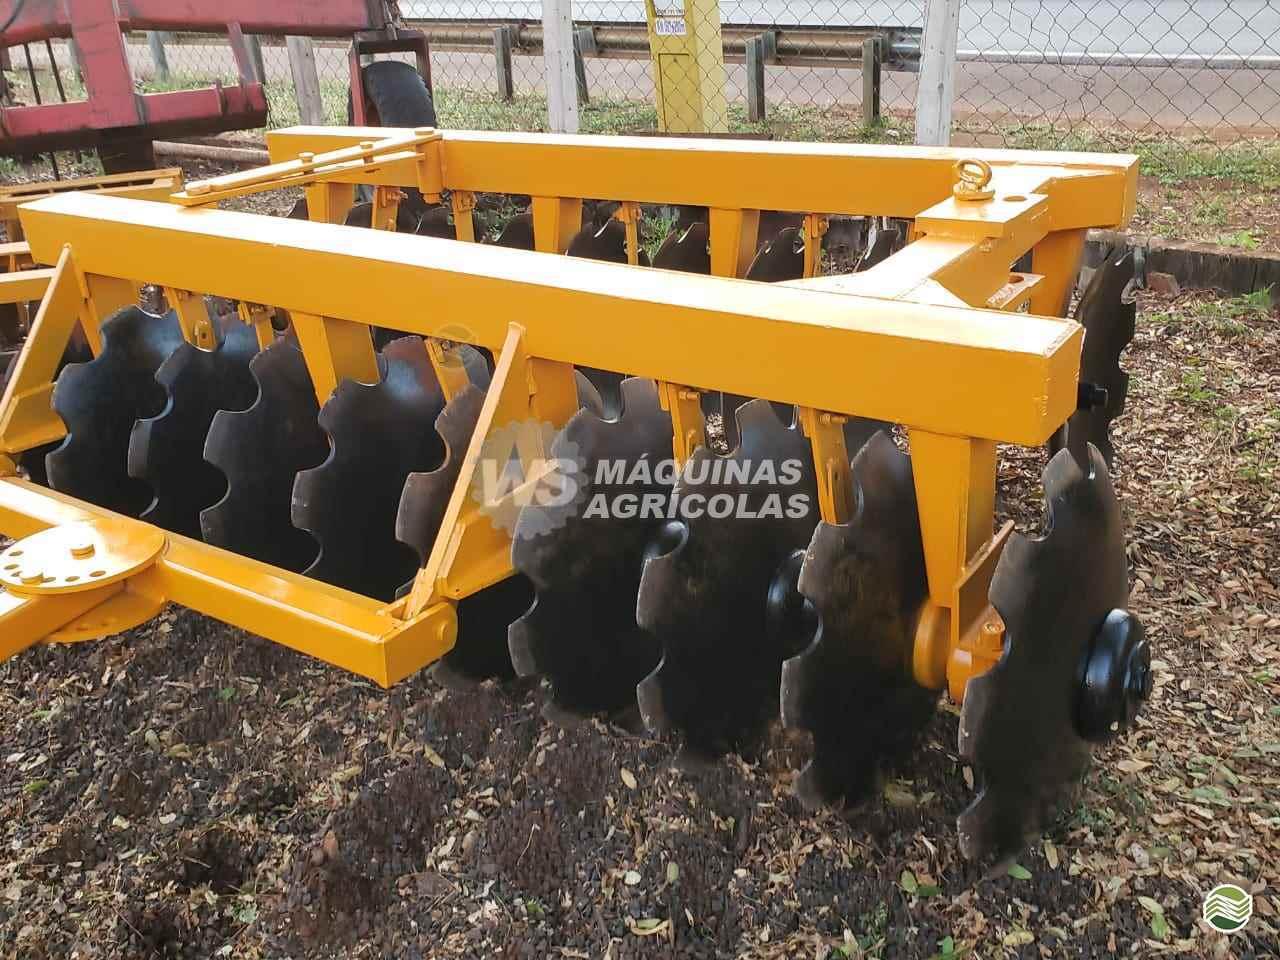 IMPLEMENTOS AGRICOLAS GRADE ARADORA ARADORA 20 DISCOS WS Máquinas Agrícolas SERTAOZINHO SÃO PAULO SP